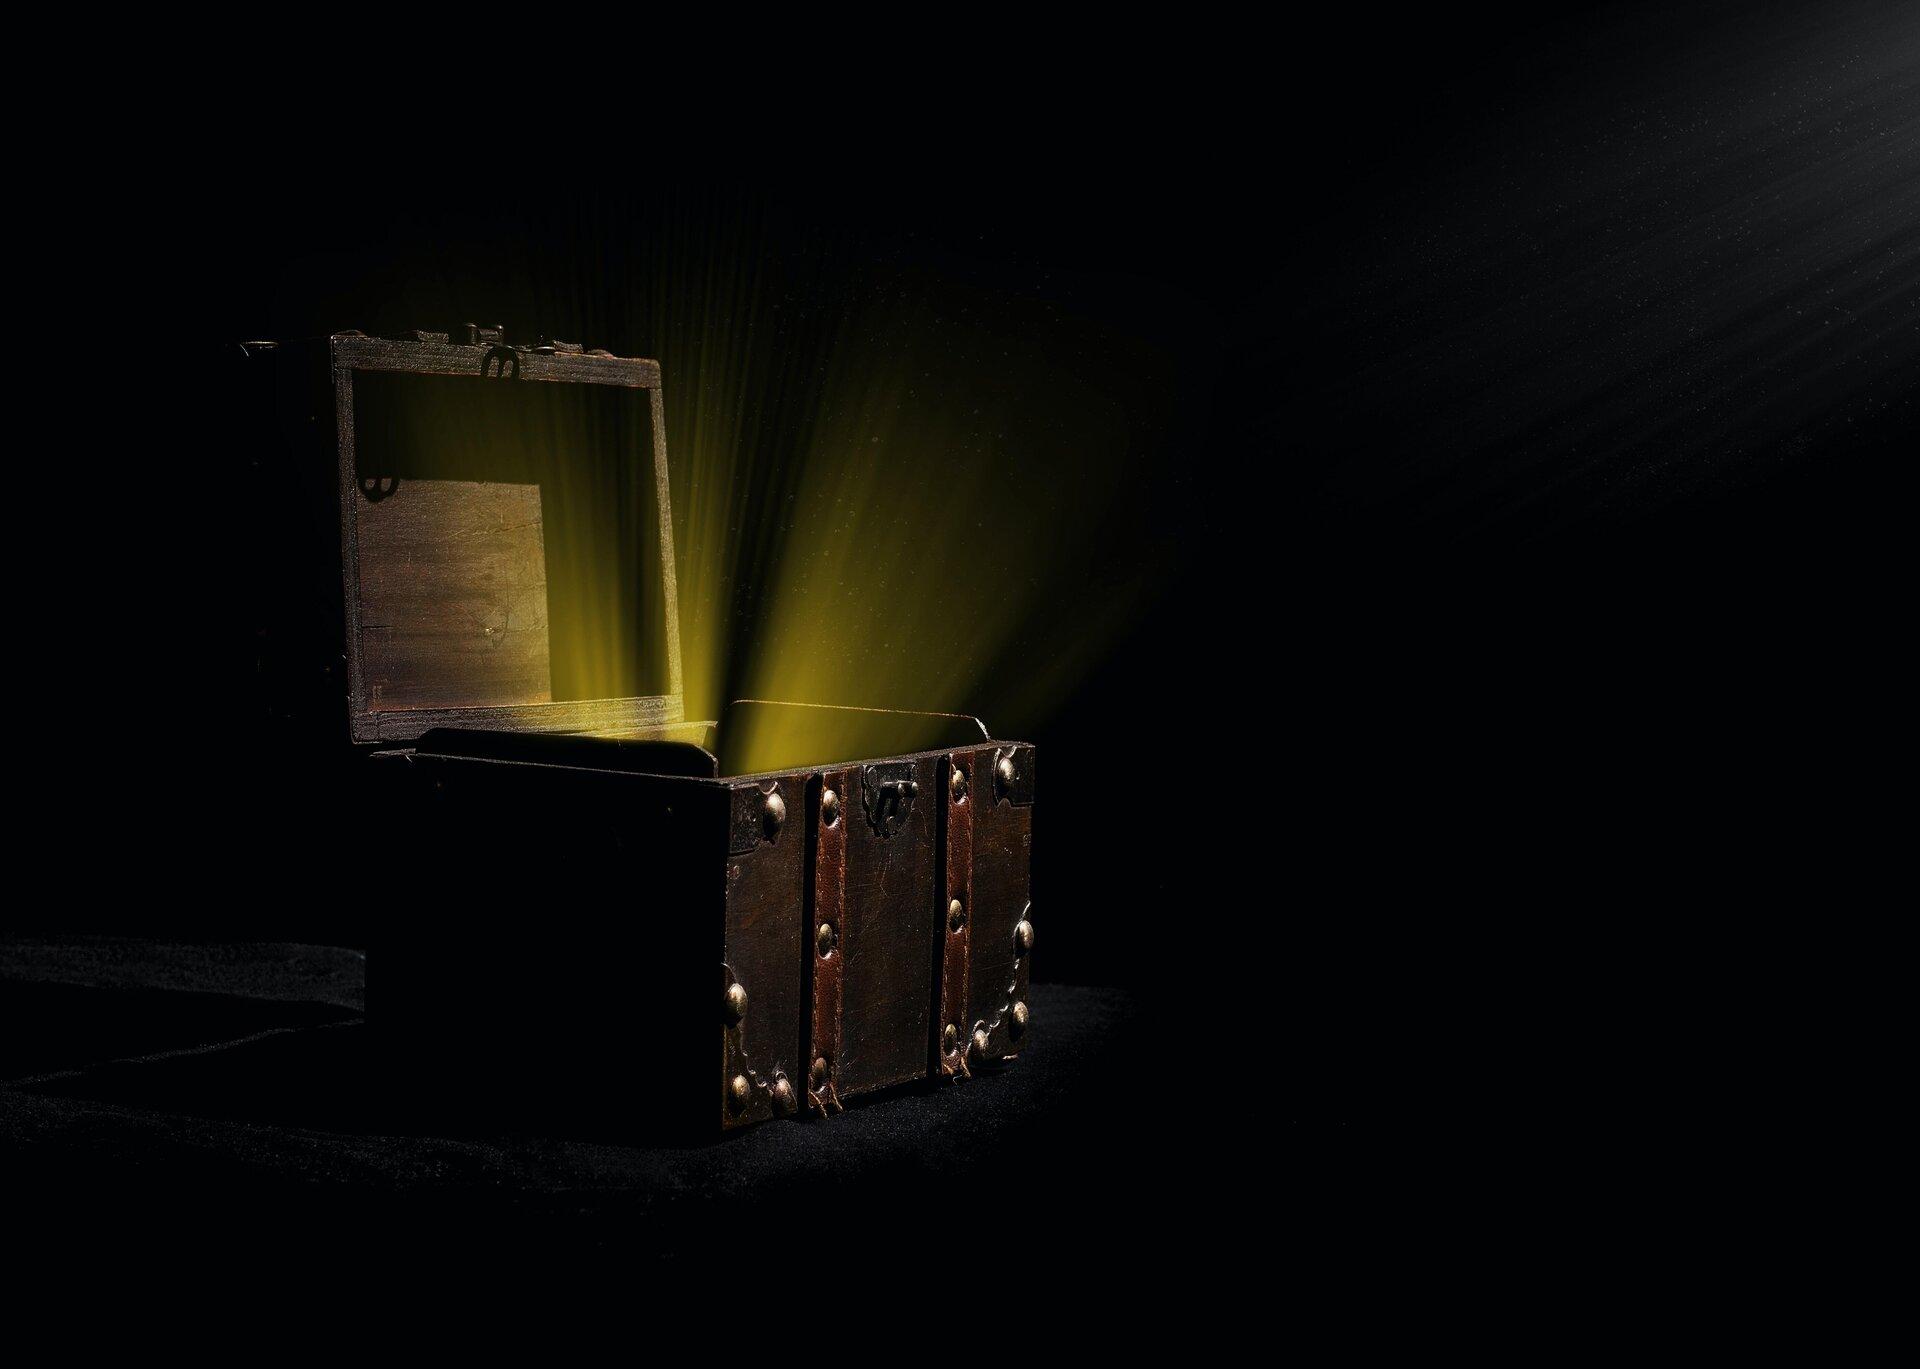 Paket_Box